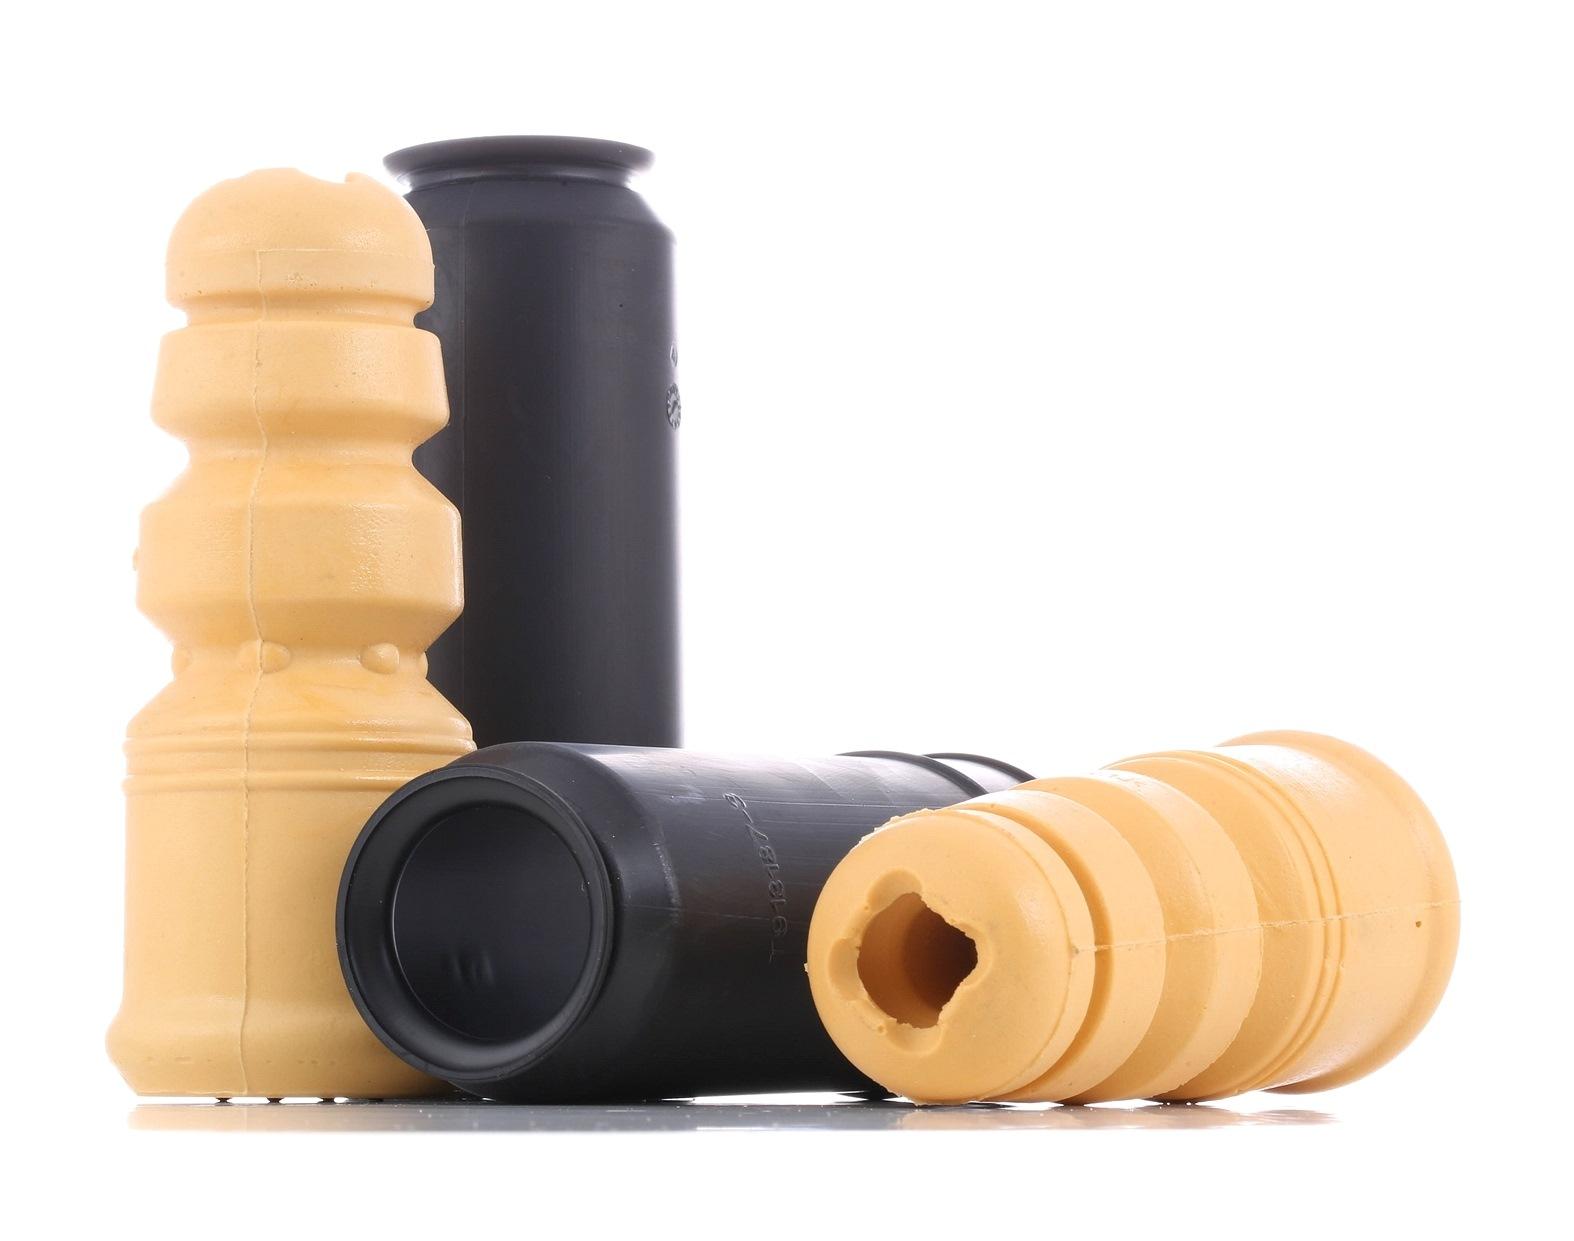 compre Coifa amortecedor e batente do amortecedor PK279 a qualquer hora